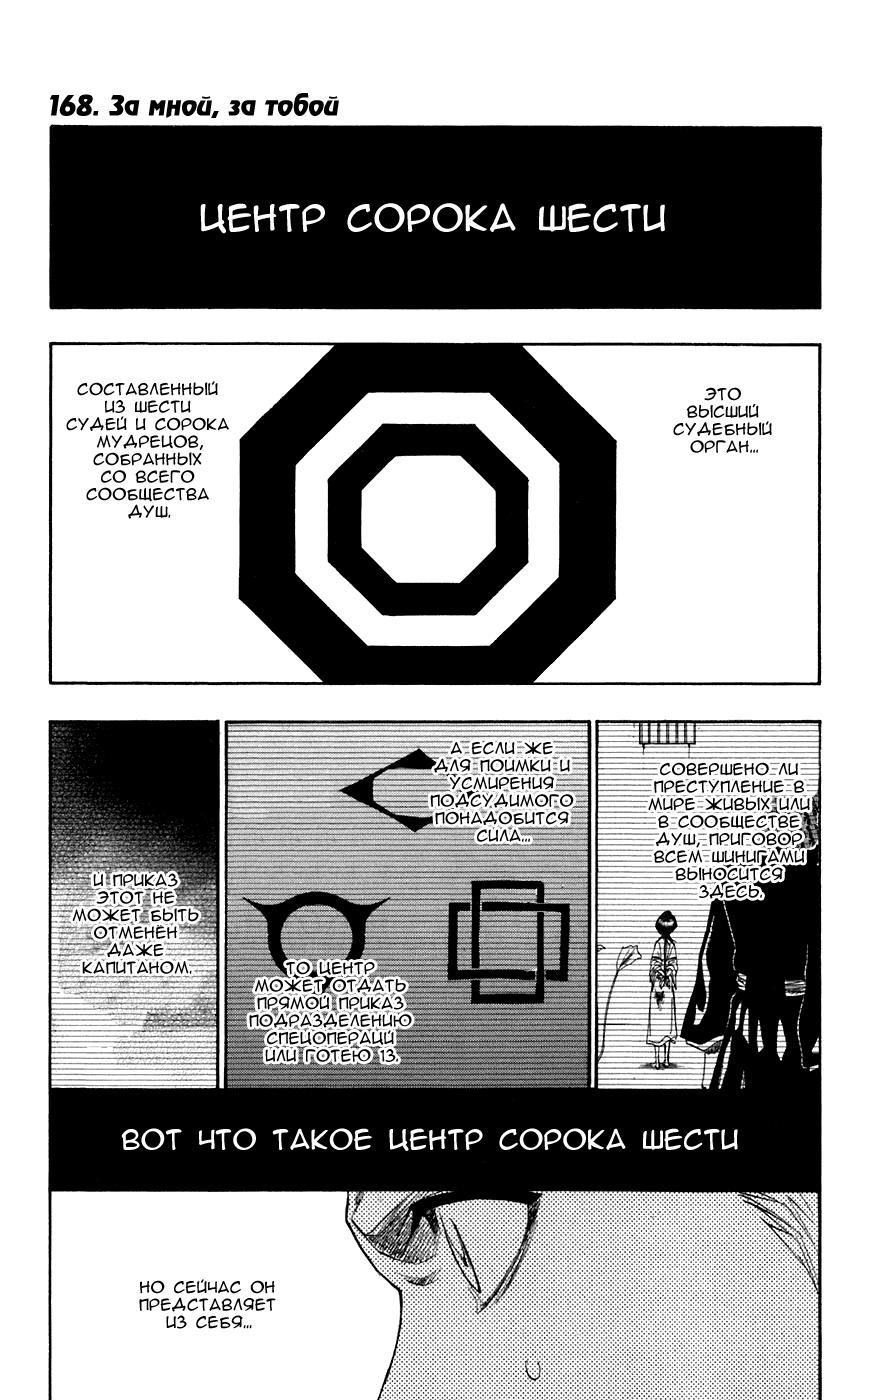 Манга Bleach / Блич Манга Bleach Глава # 168 - За мной, за тобой, страница 1